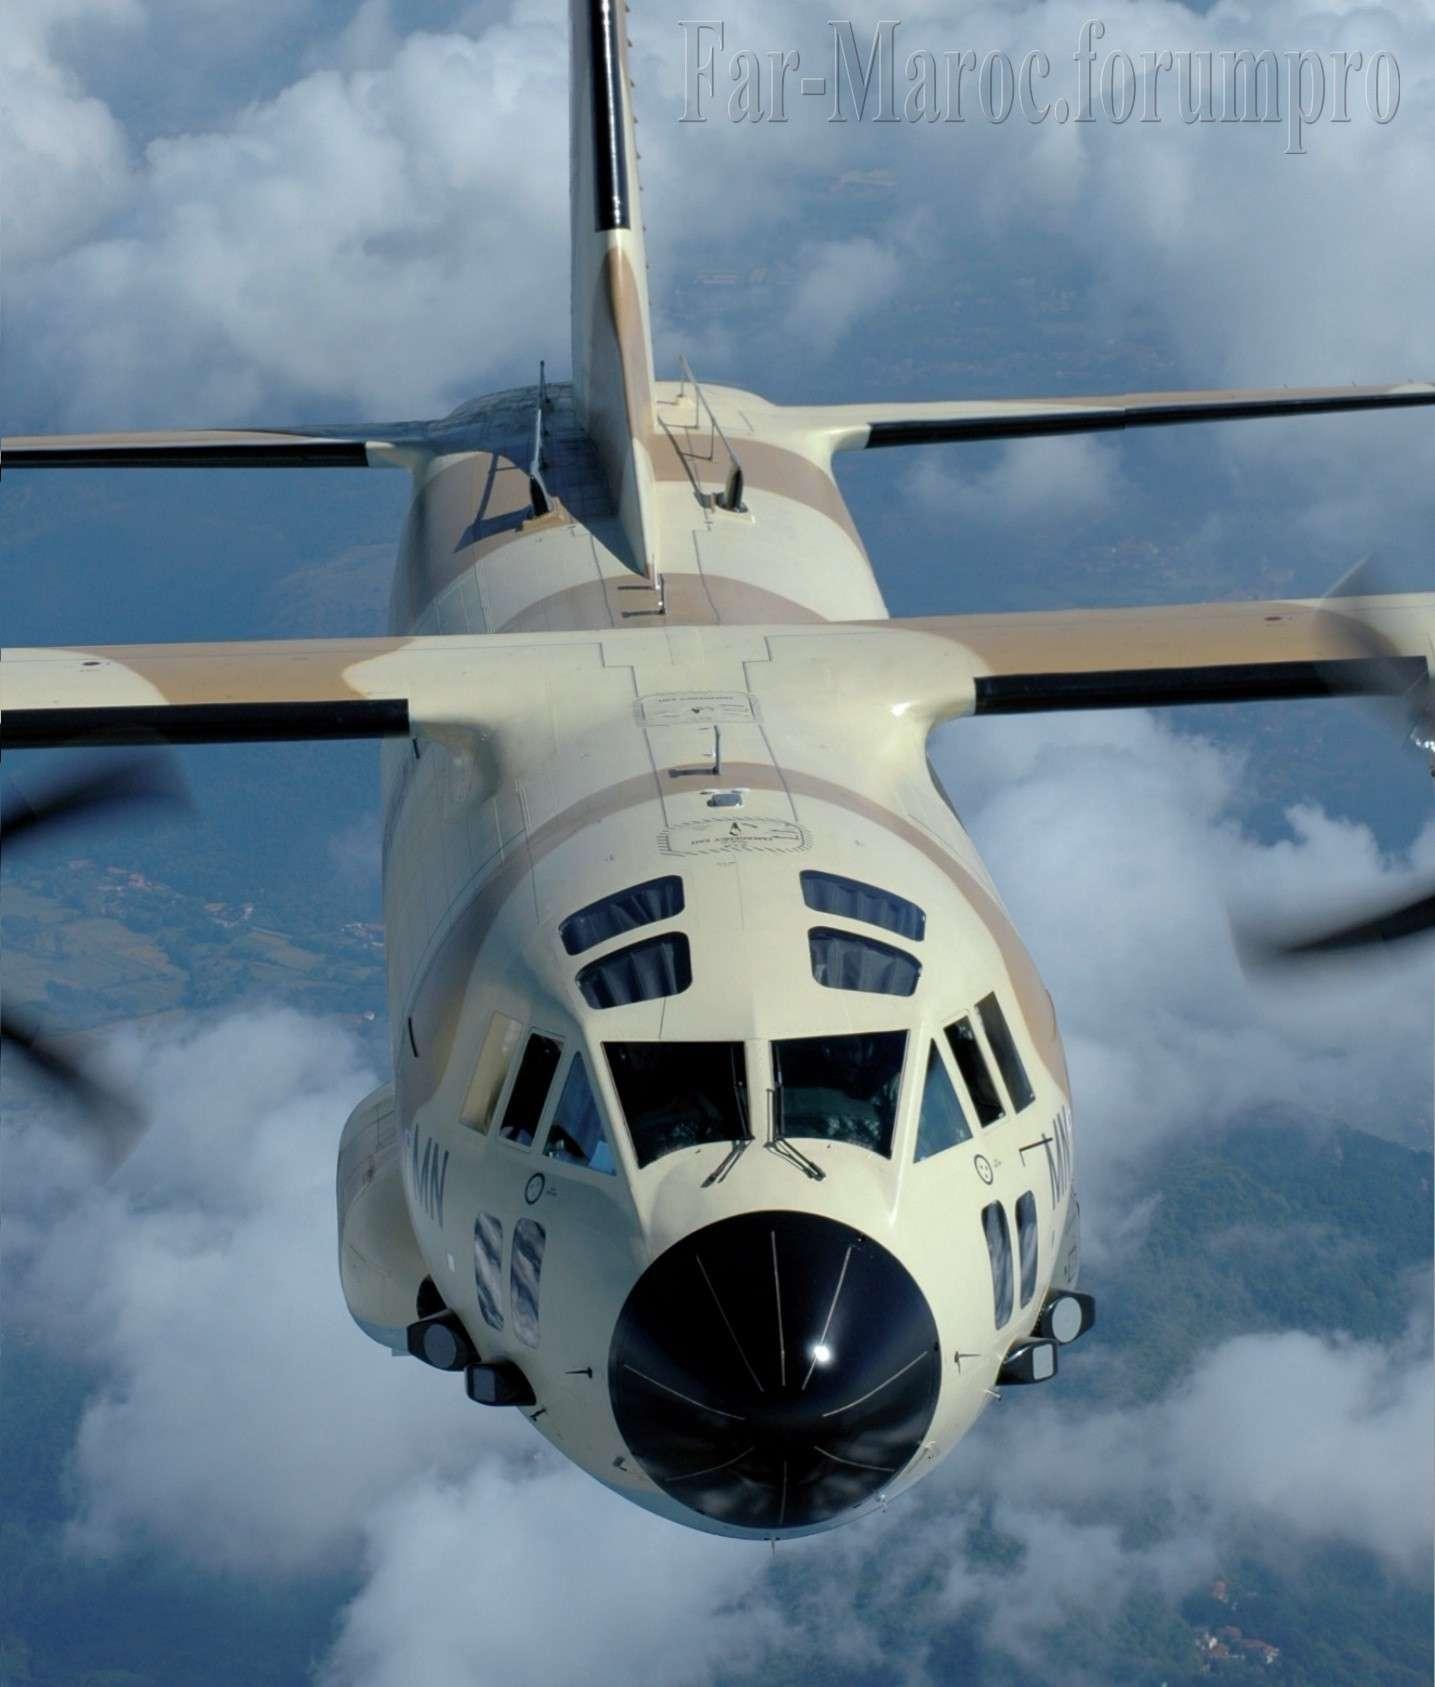 FRA: Photos d'avions de transport - Page 11 C27jmn10